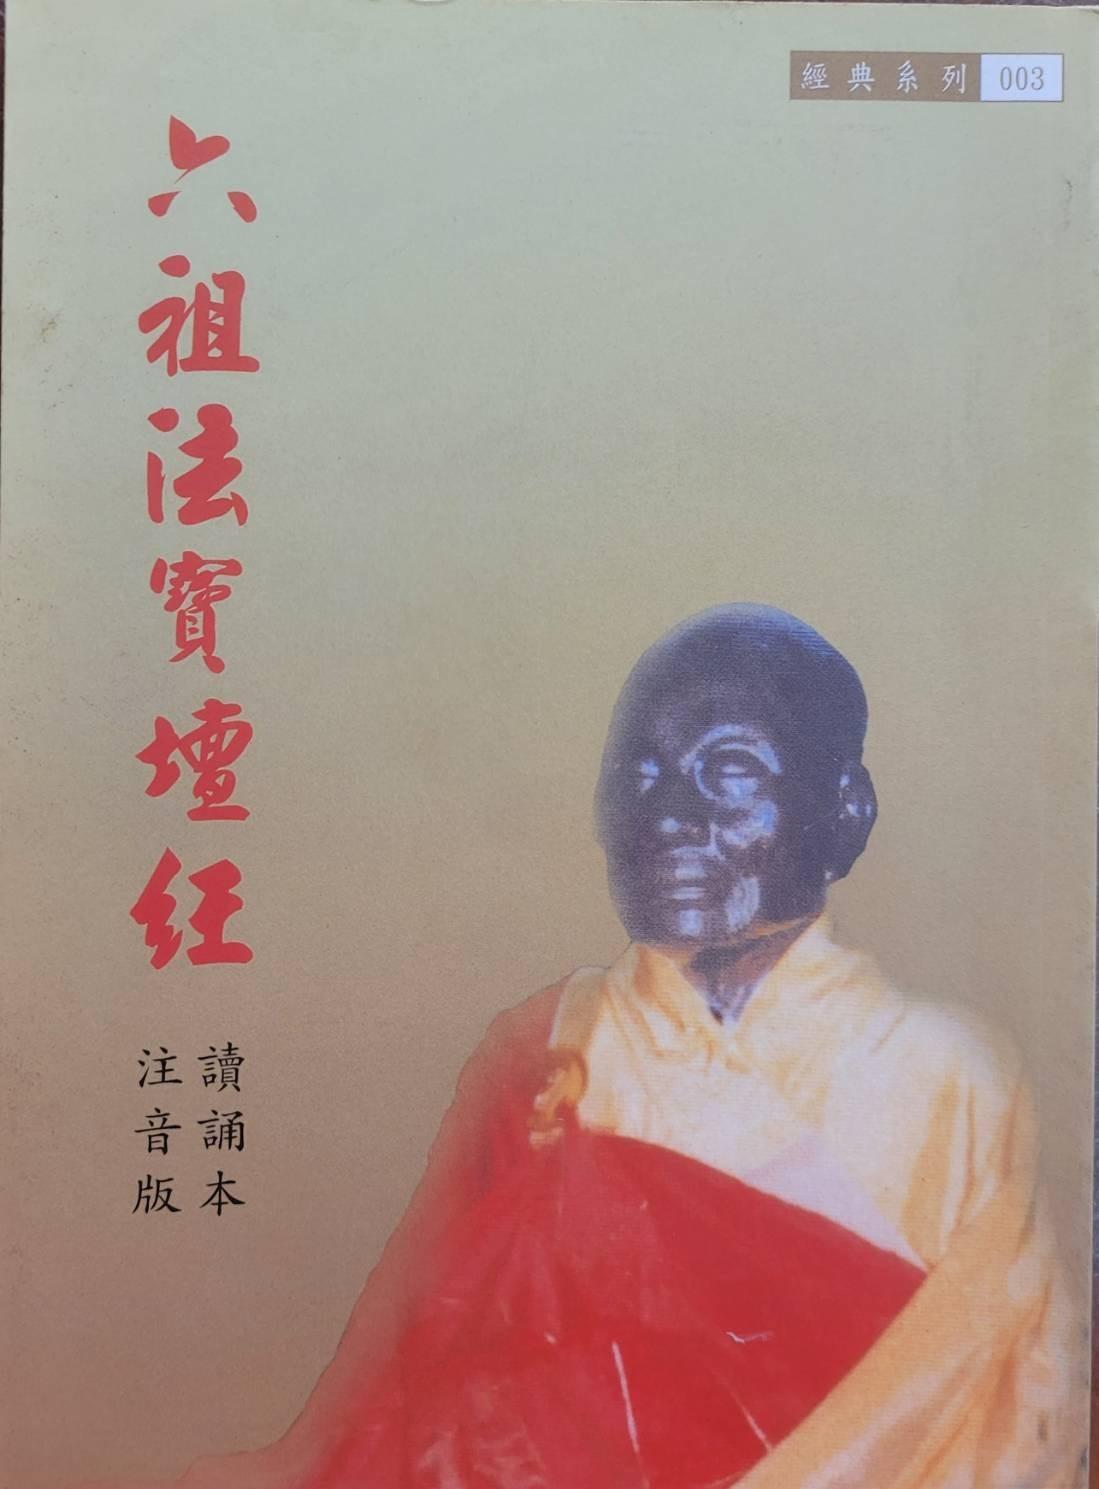 六祖法寶壇經 讀經本